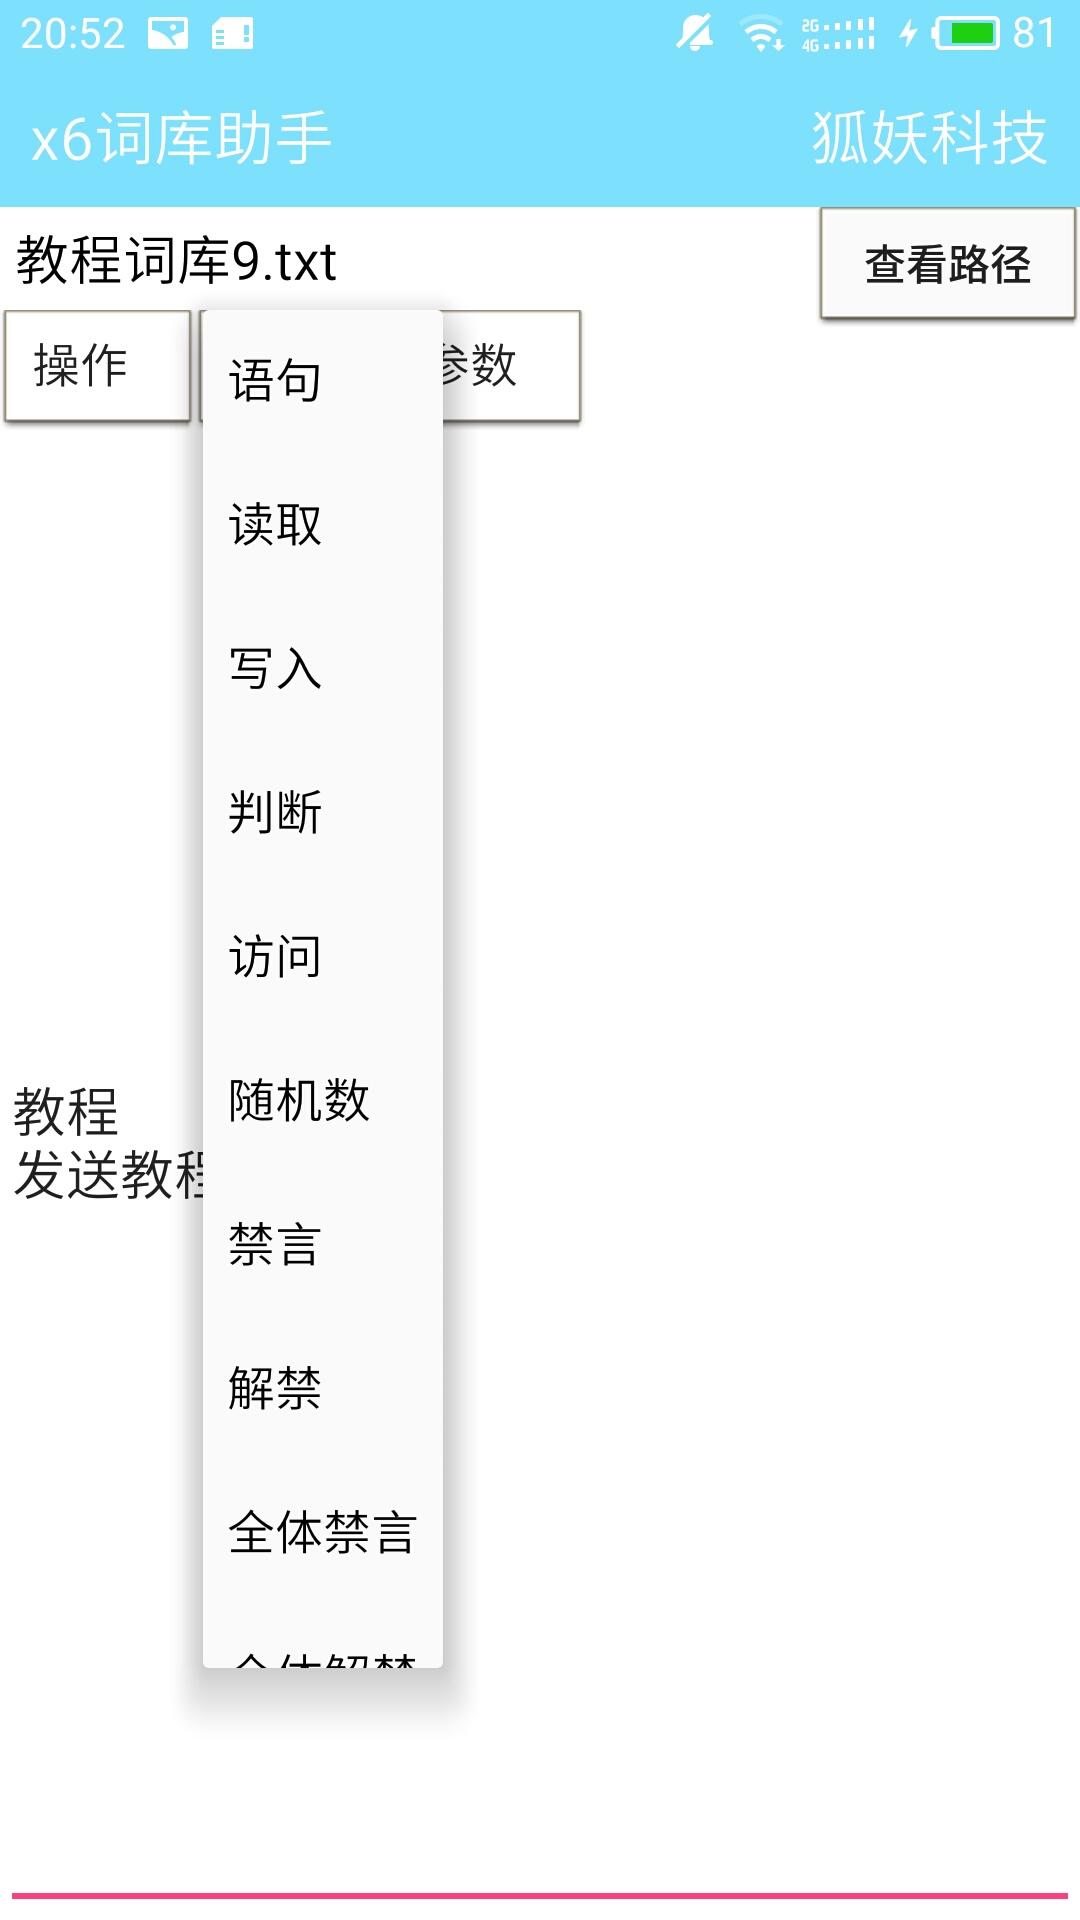 【分享】x6词库助手